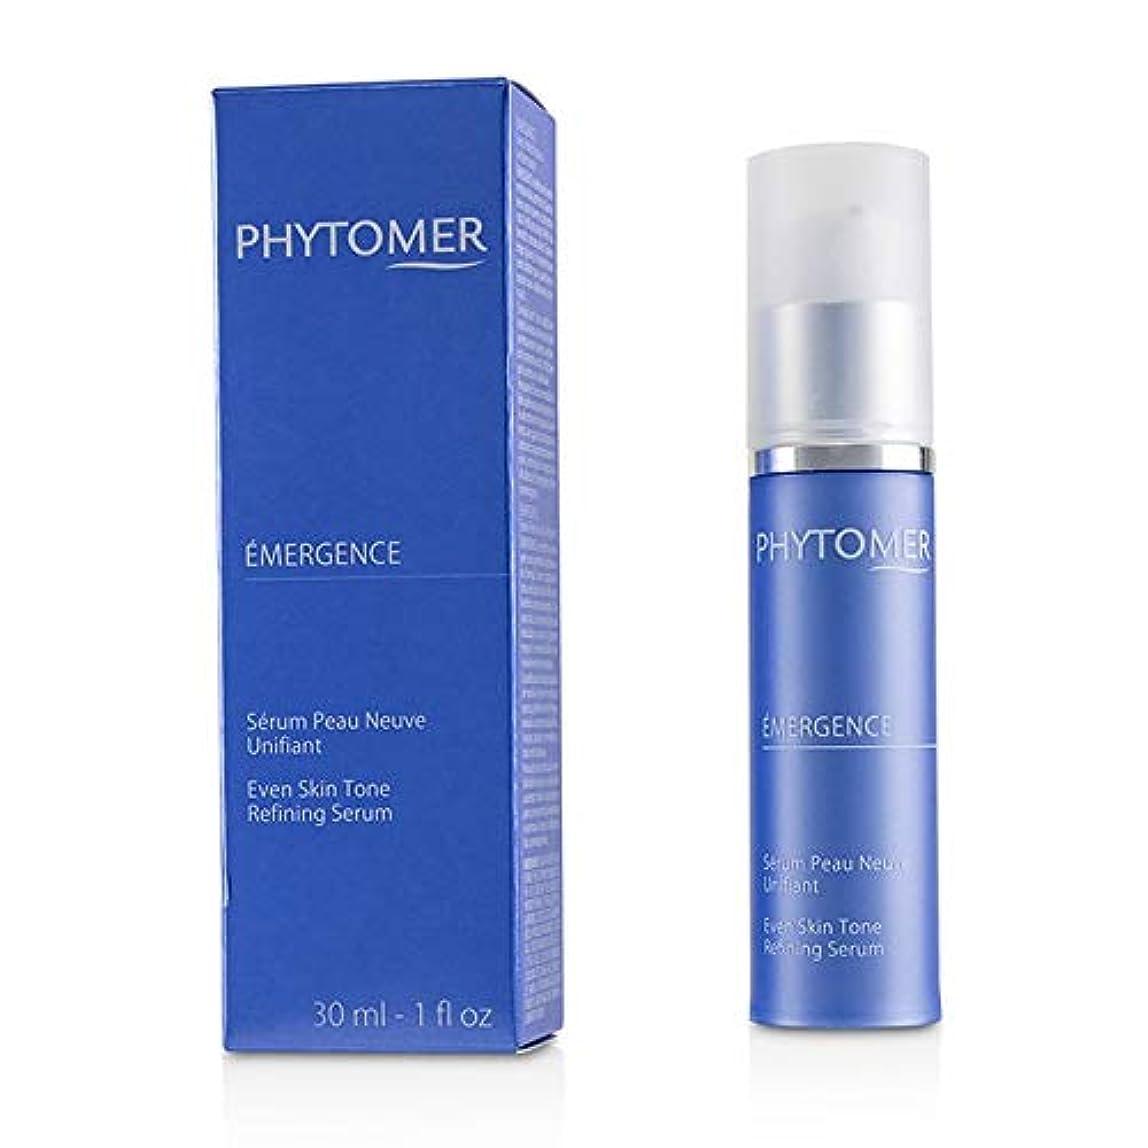 熱狂的な征服するこんにちはPhytomer Emergence Even Skin Tone Refining Serum 30ml並行輸入品